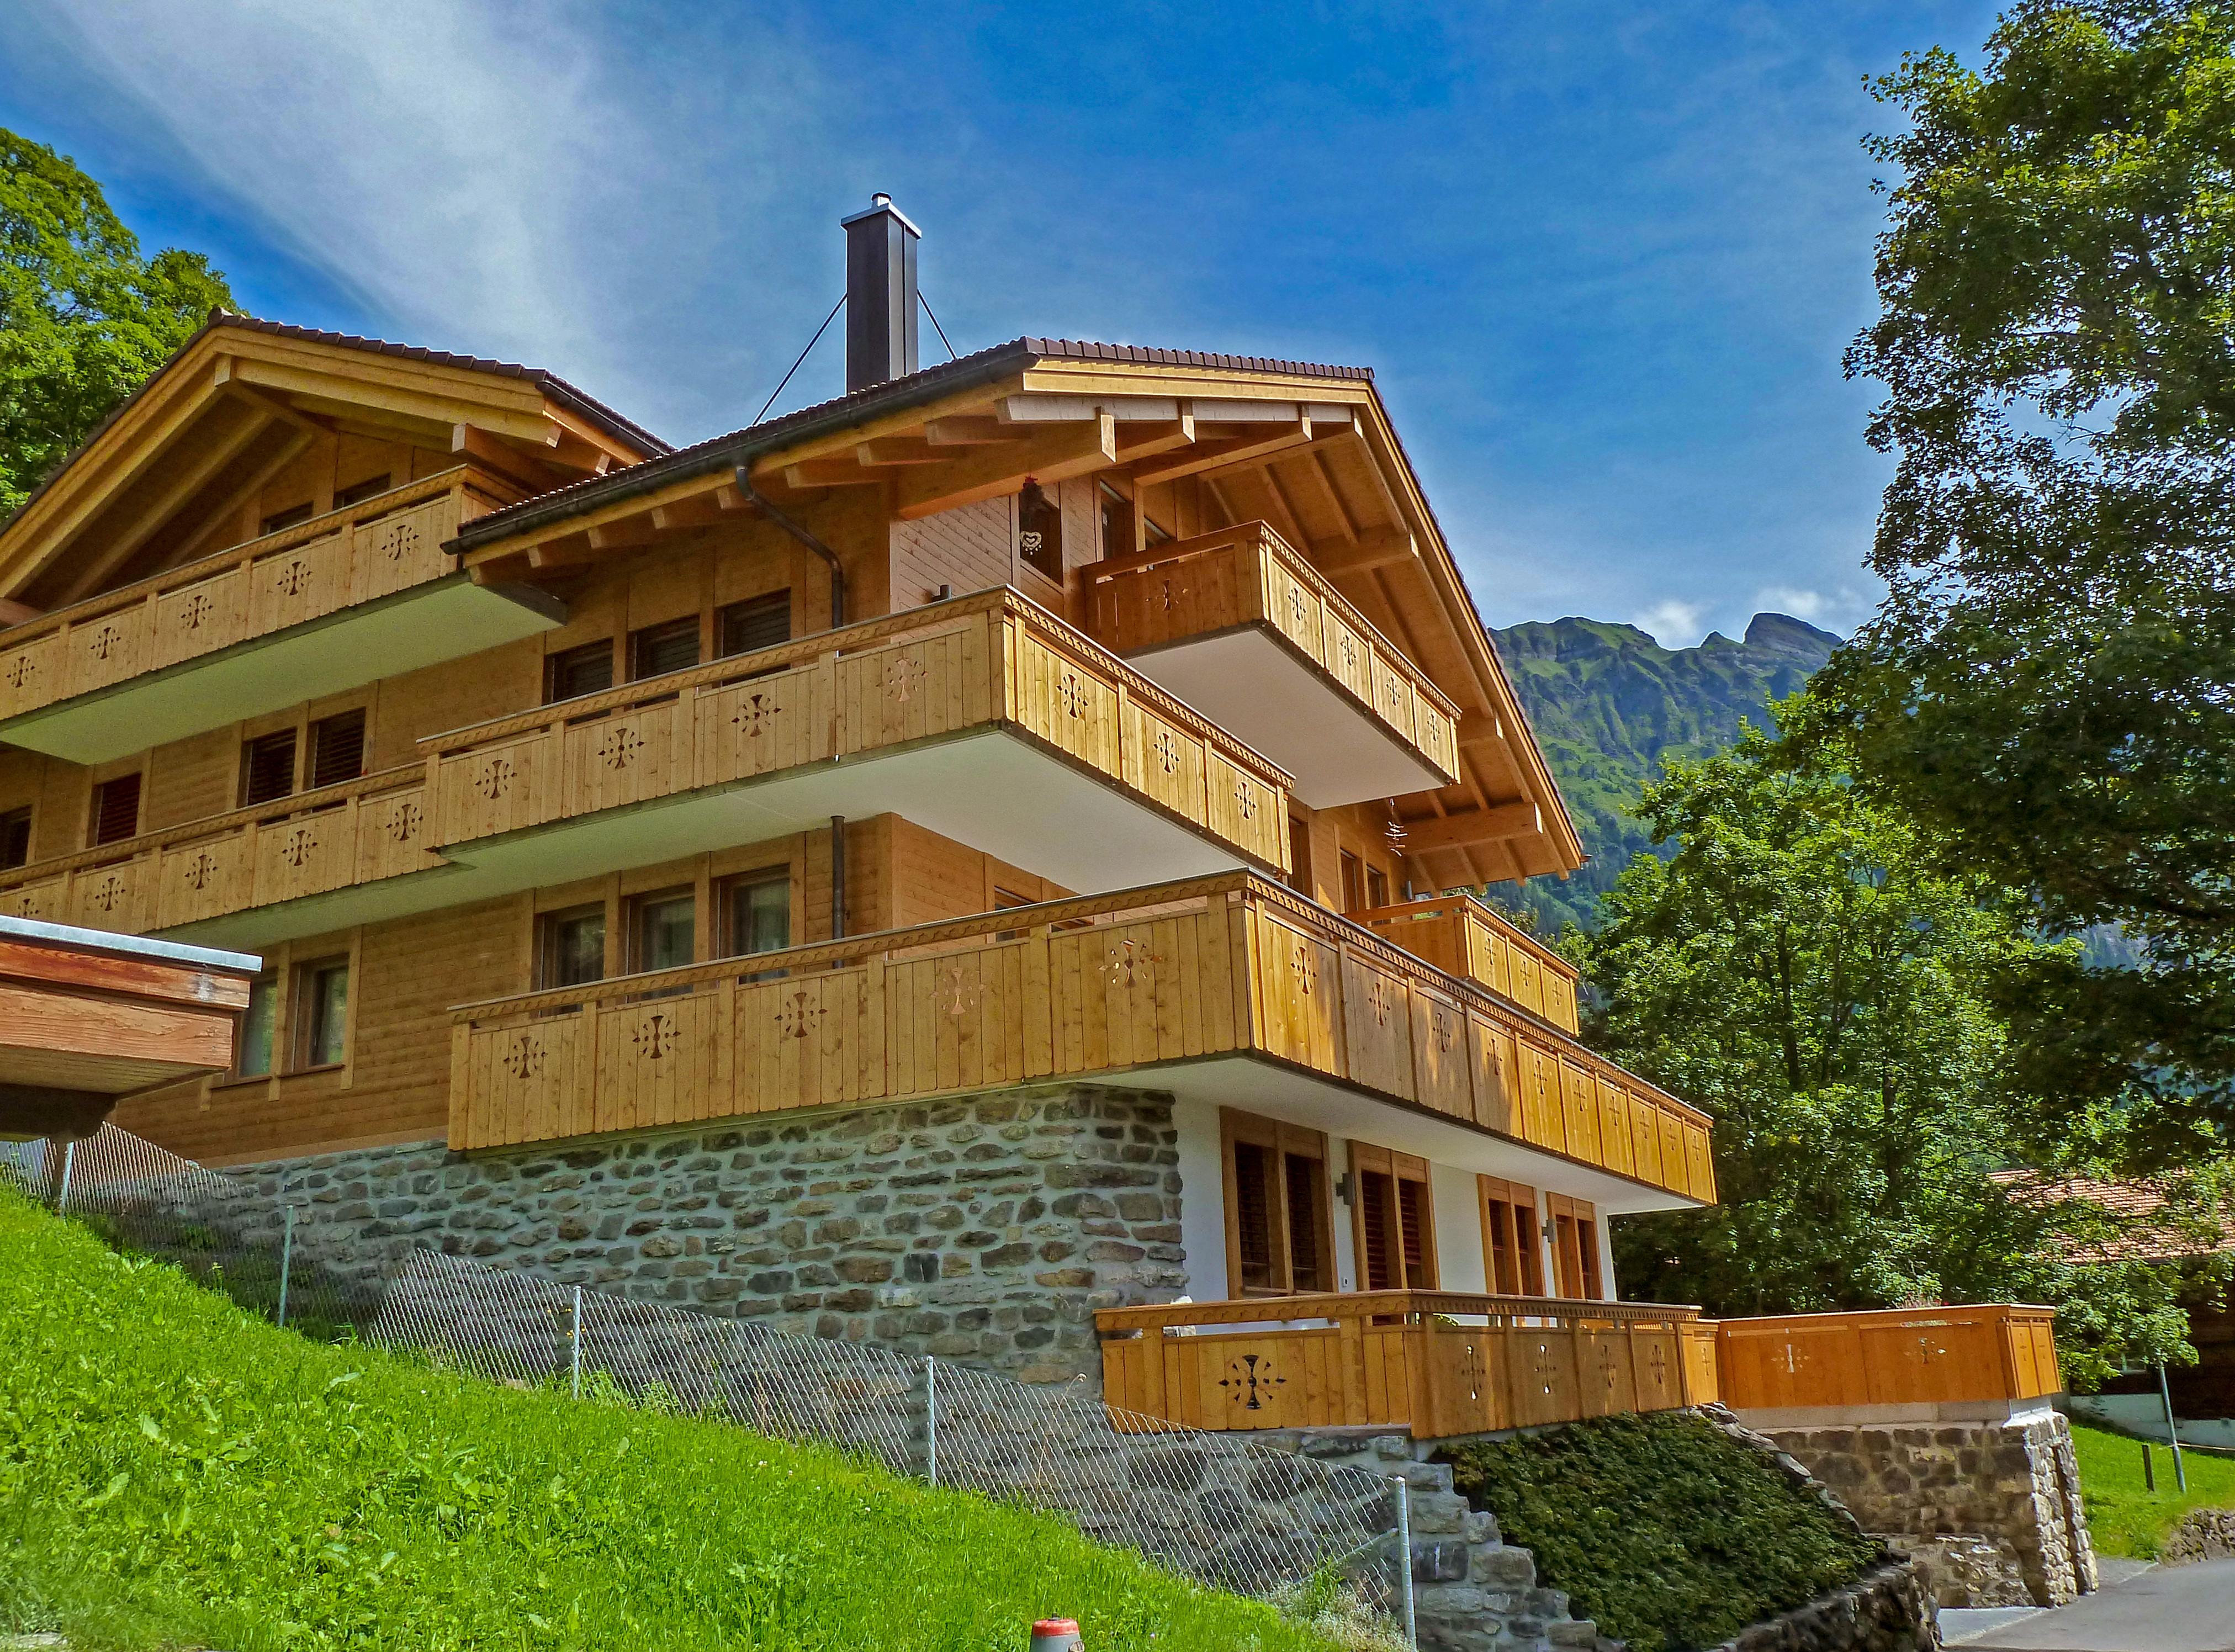 Appartement bergfrieden in wengen zwitserland ch3823 9 1 for Design appartement zwitserland